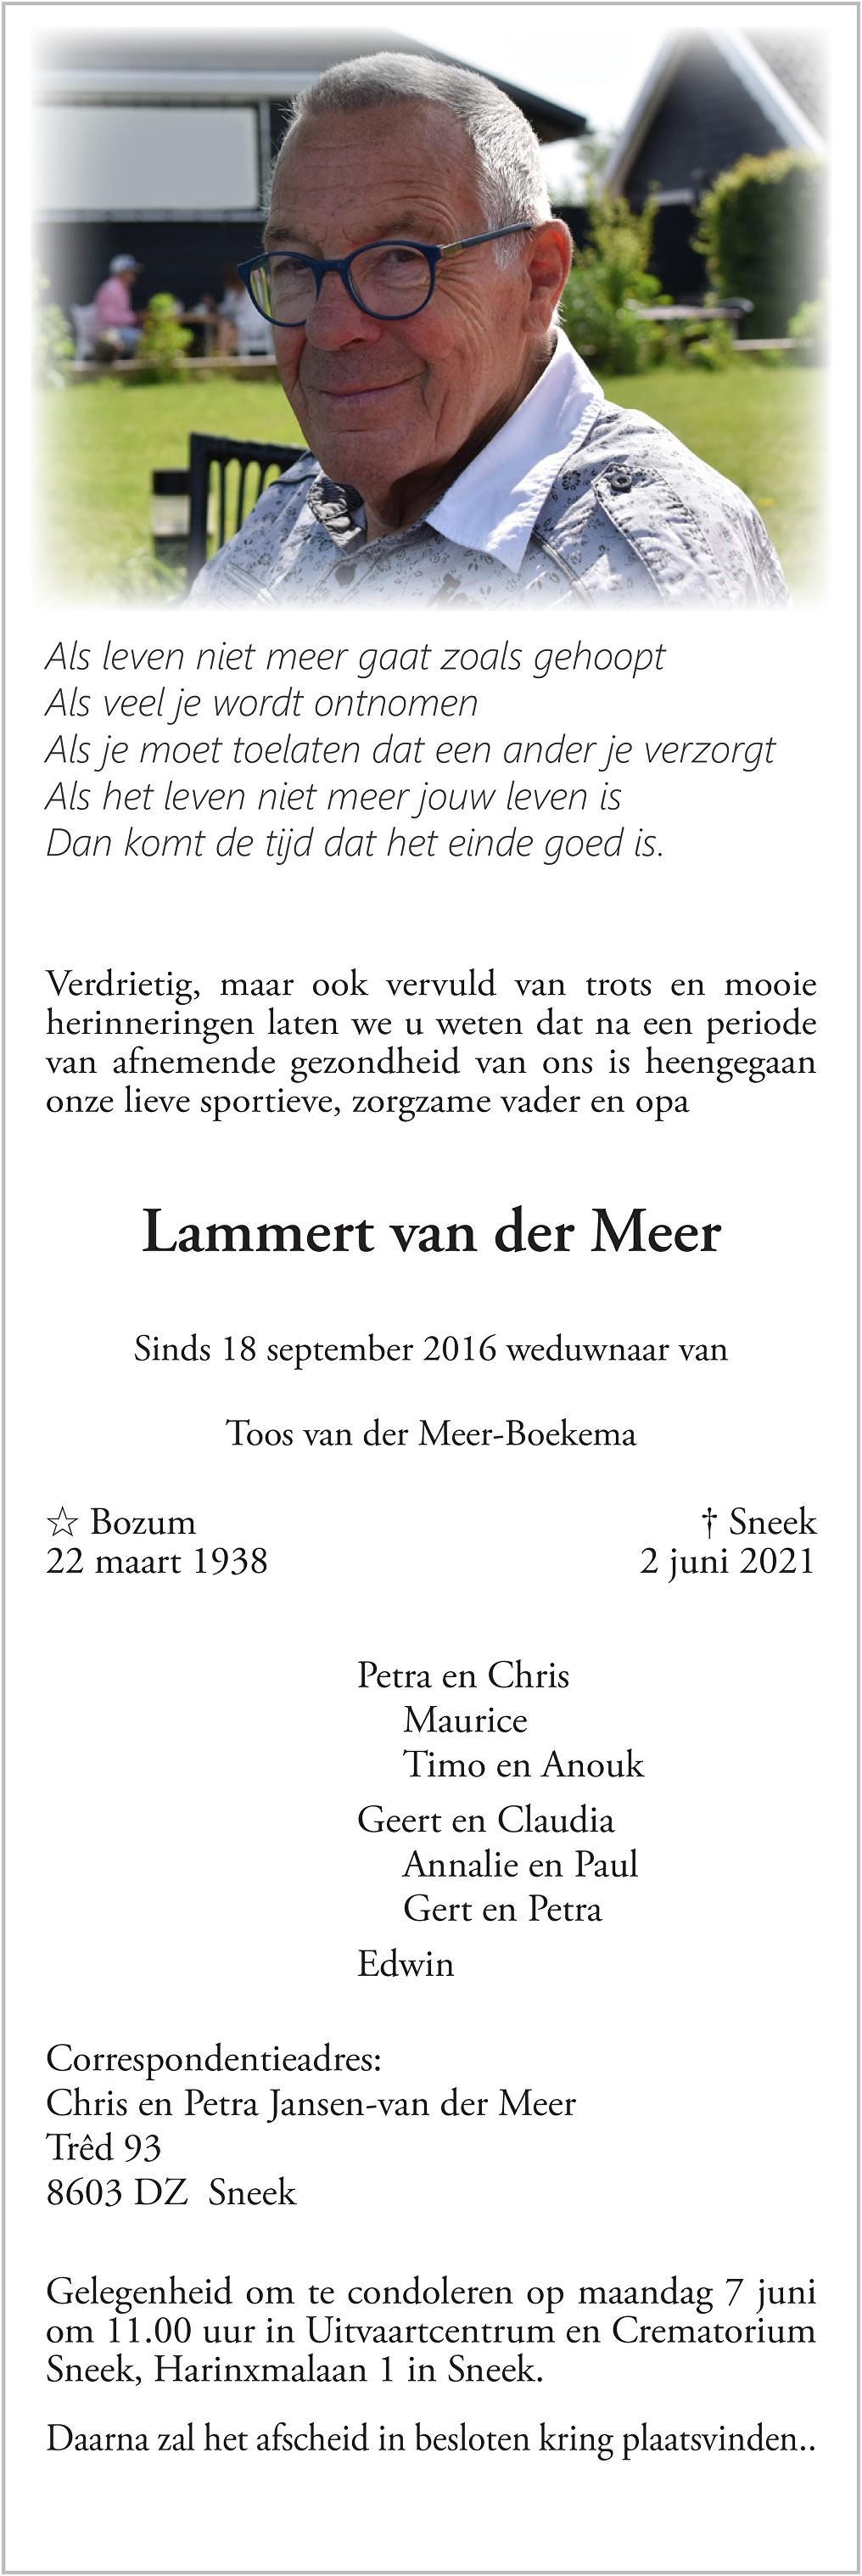 Lammert van der Meer Death notice